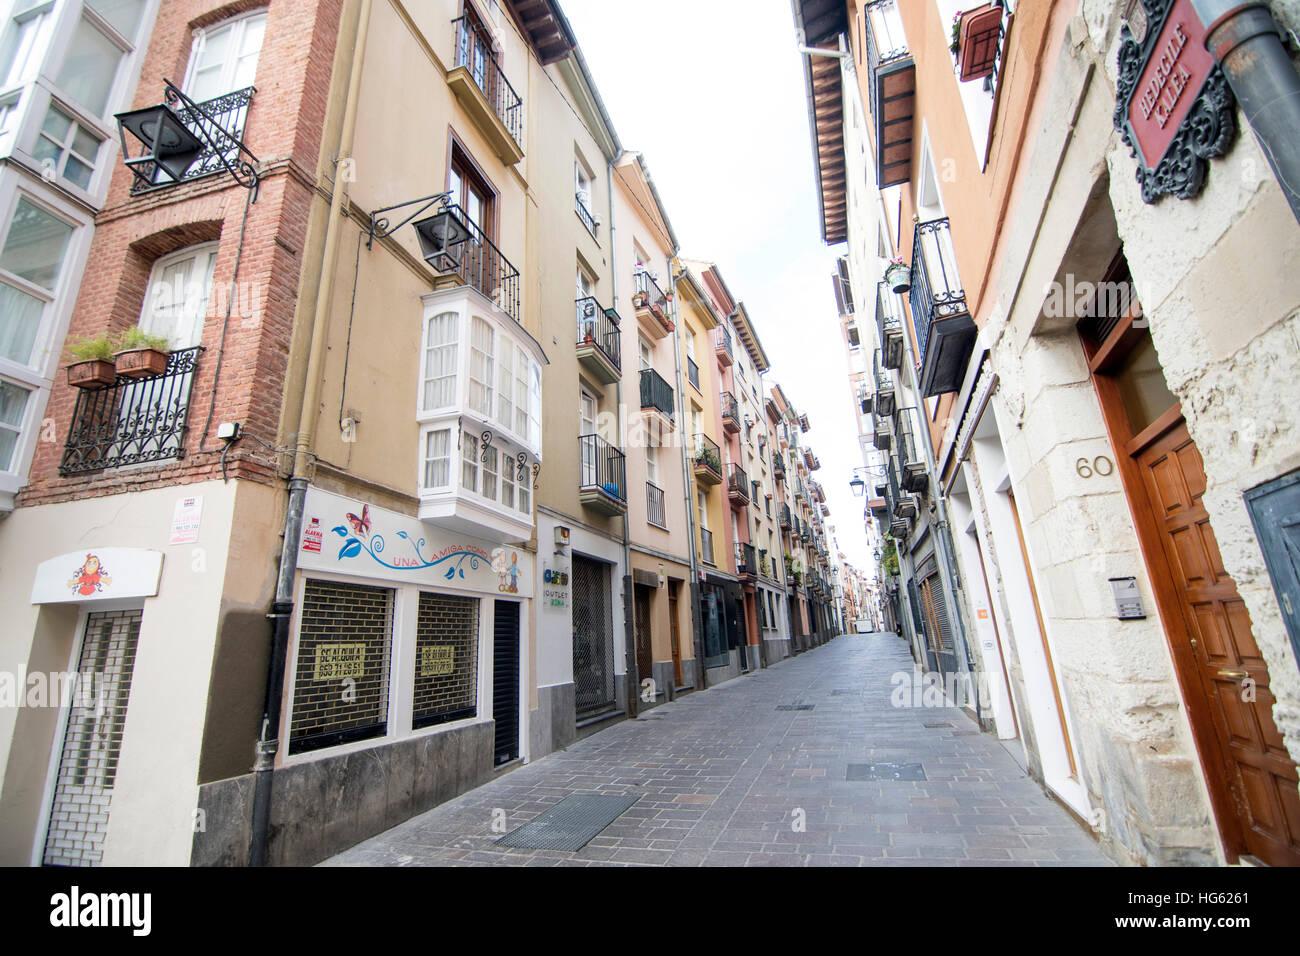 Eine Straße von Vitoria, Spanien. Stockbild